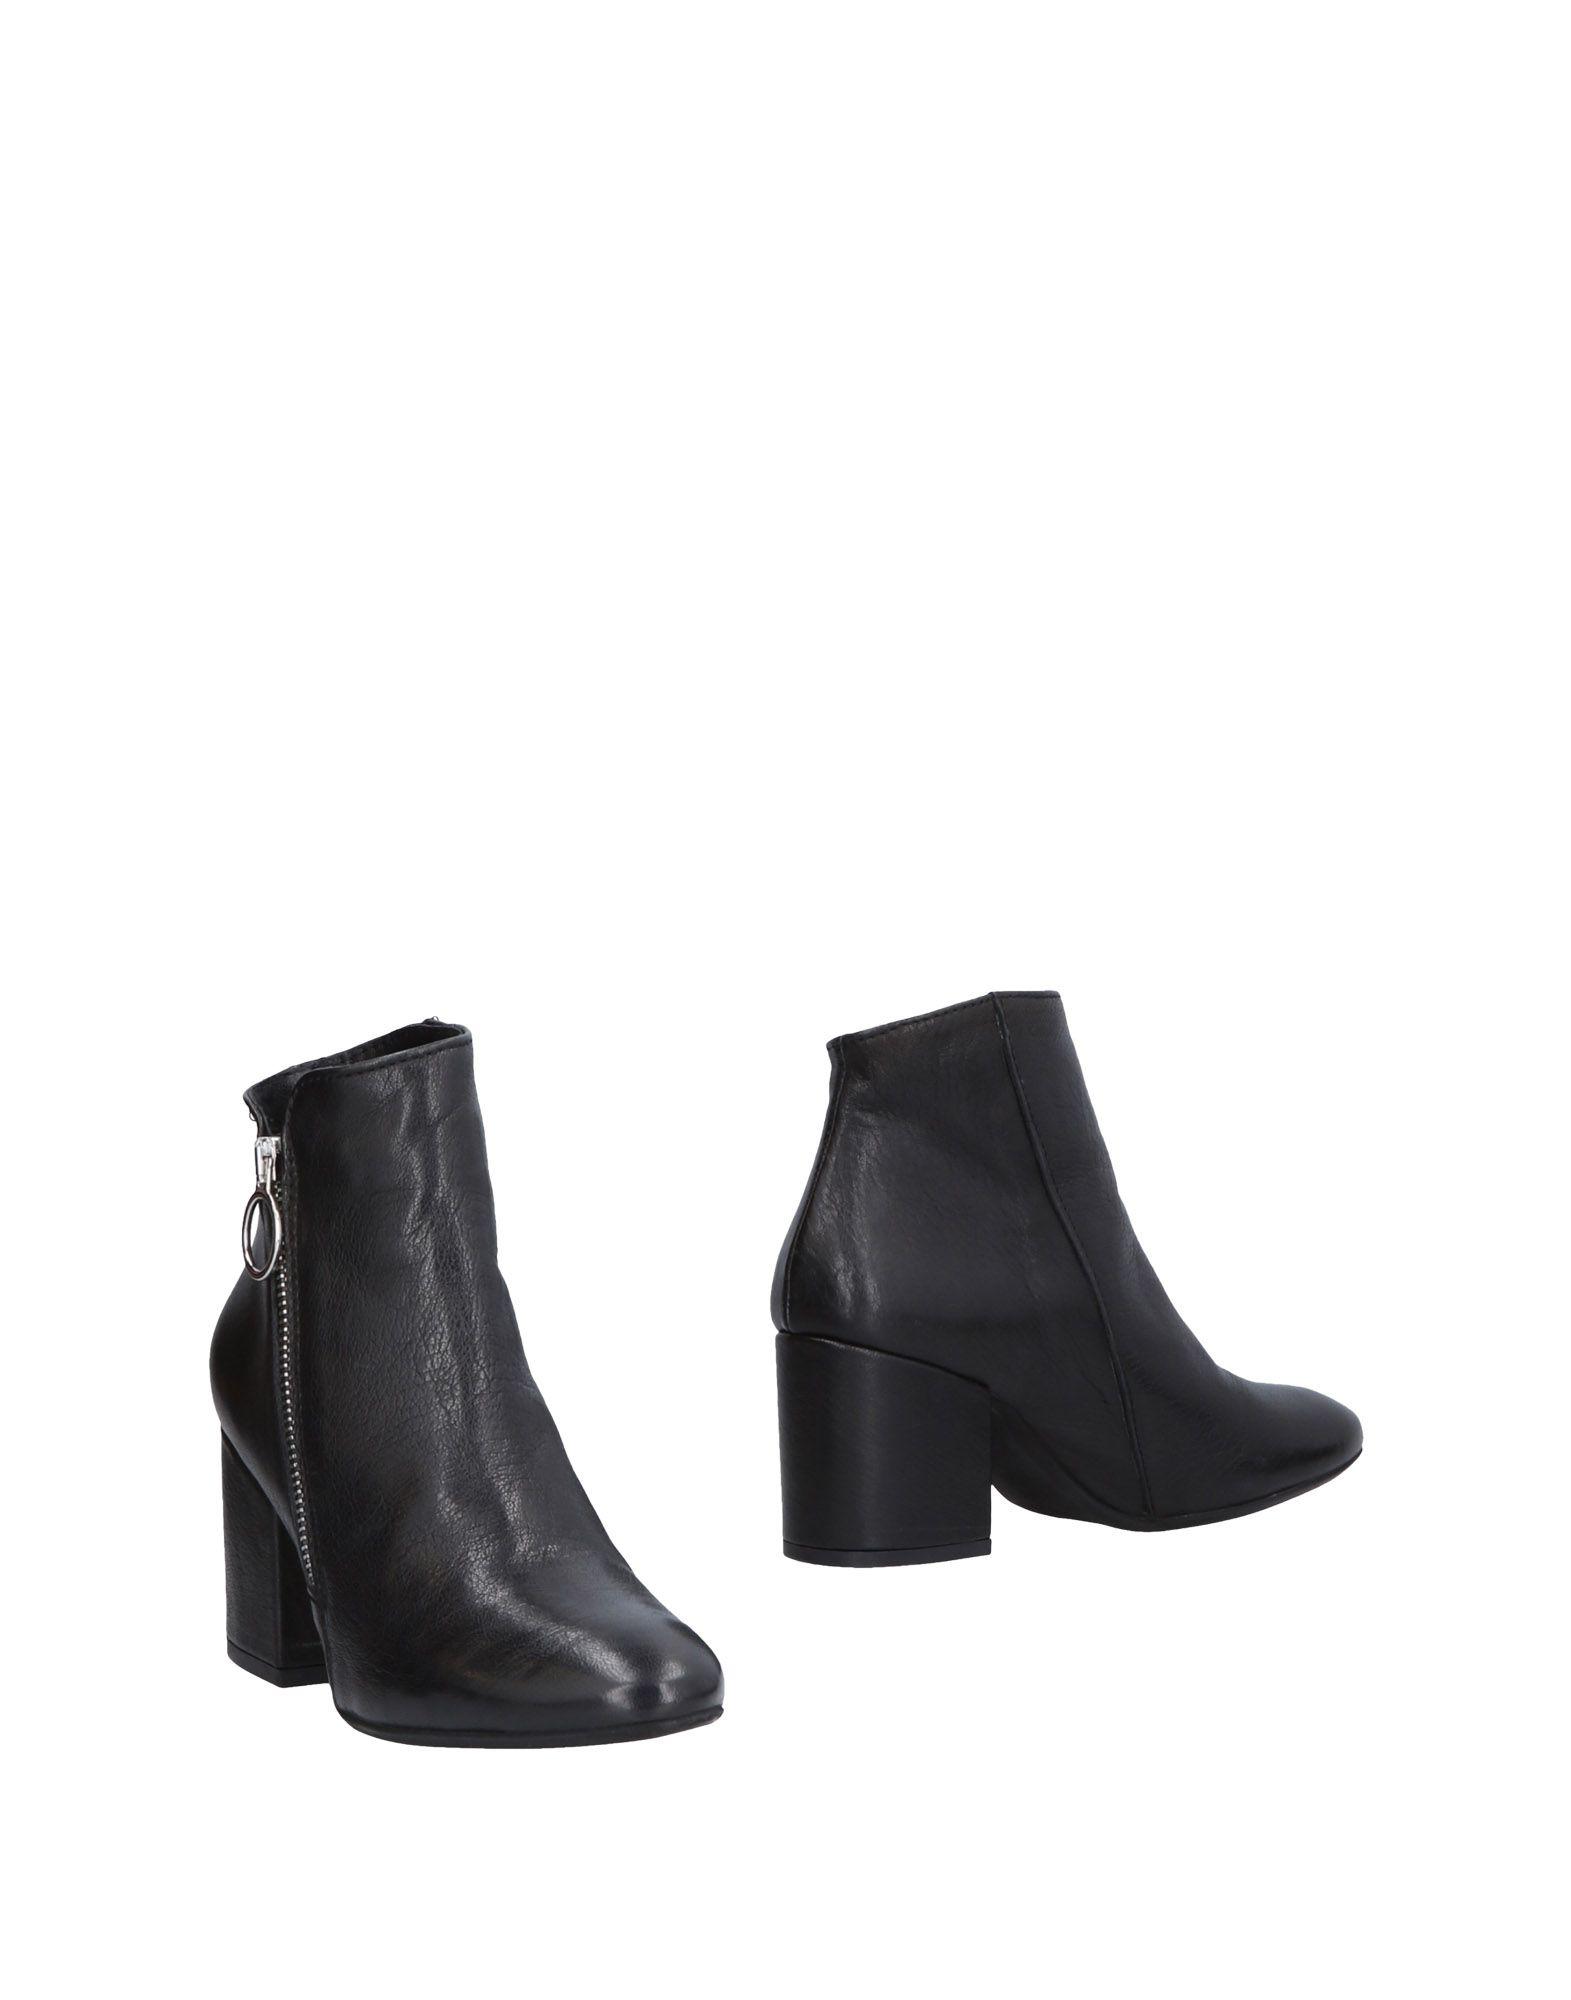 Police 883 Stiefelette Damen  11468434CR Gute Qualität beliebte Schuhe